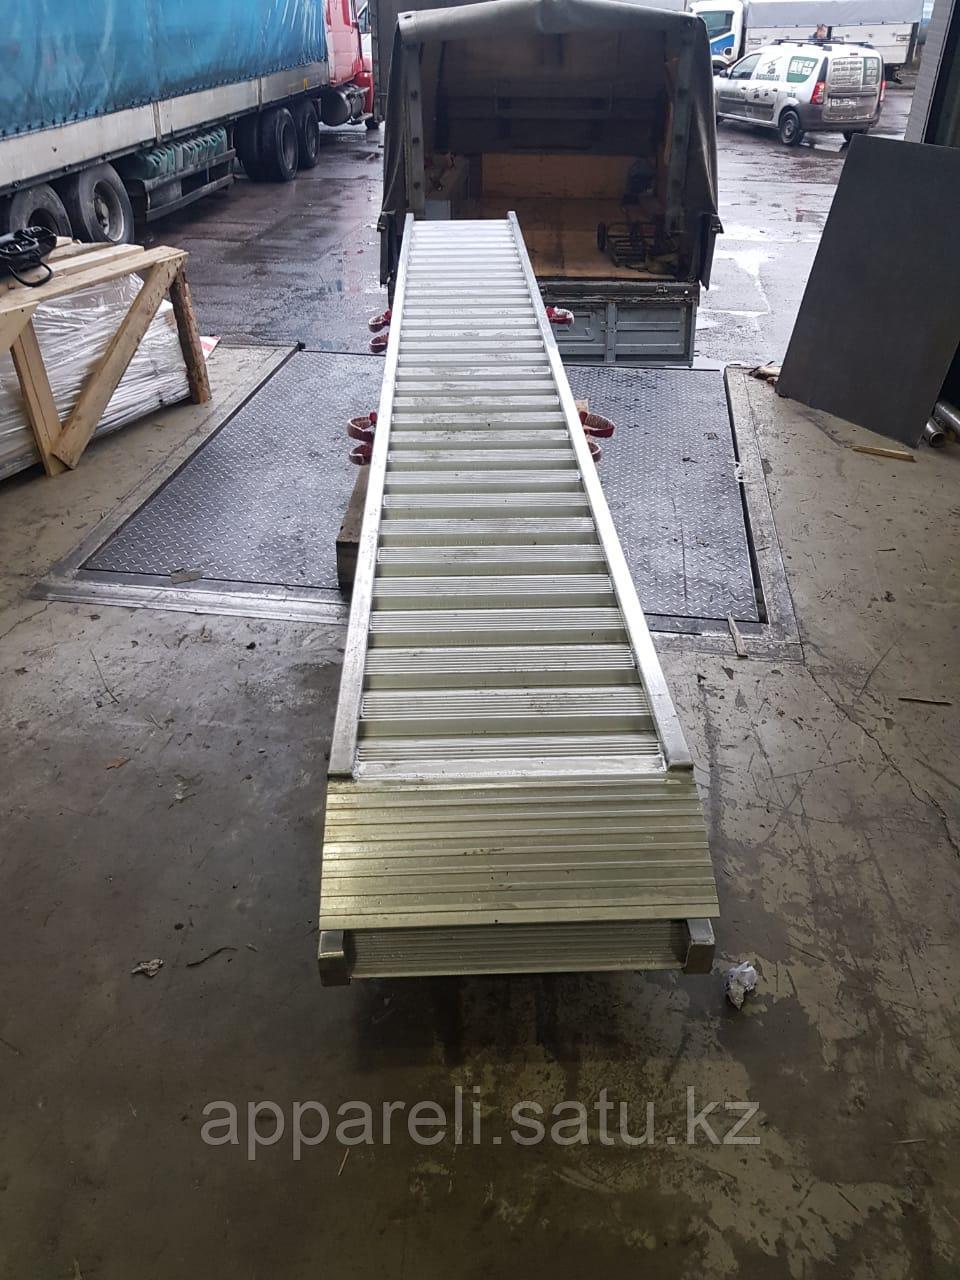 Погрузочные рампы из алюминия (аппарели / трапы) 9 тонн